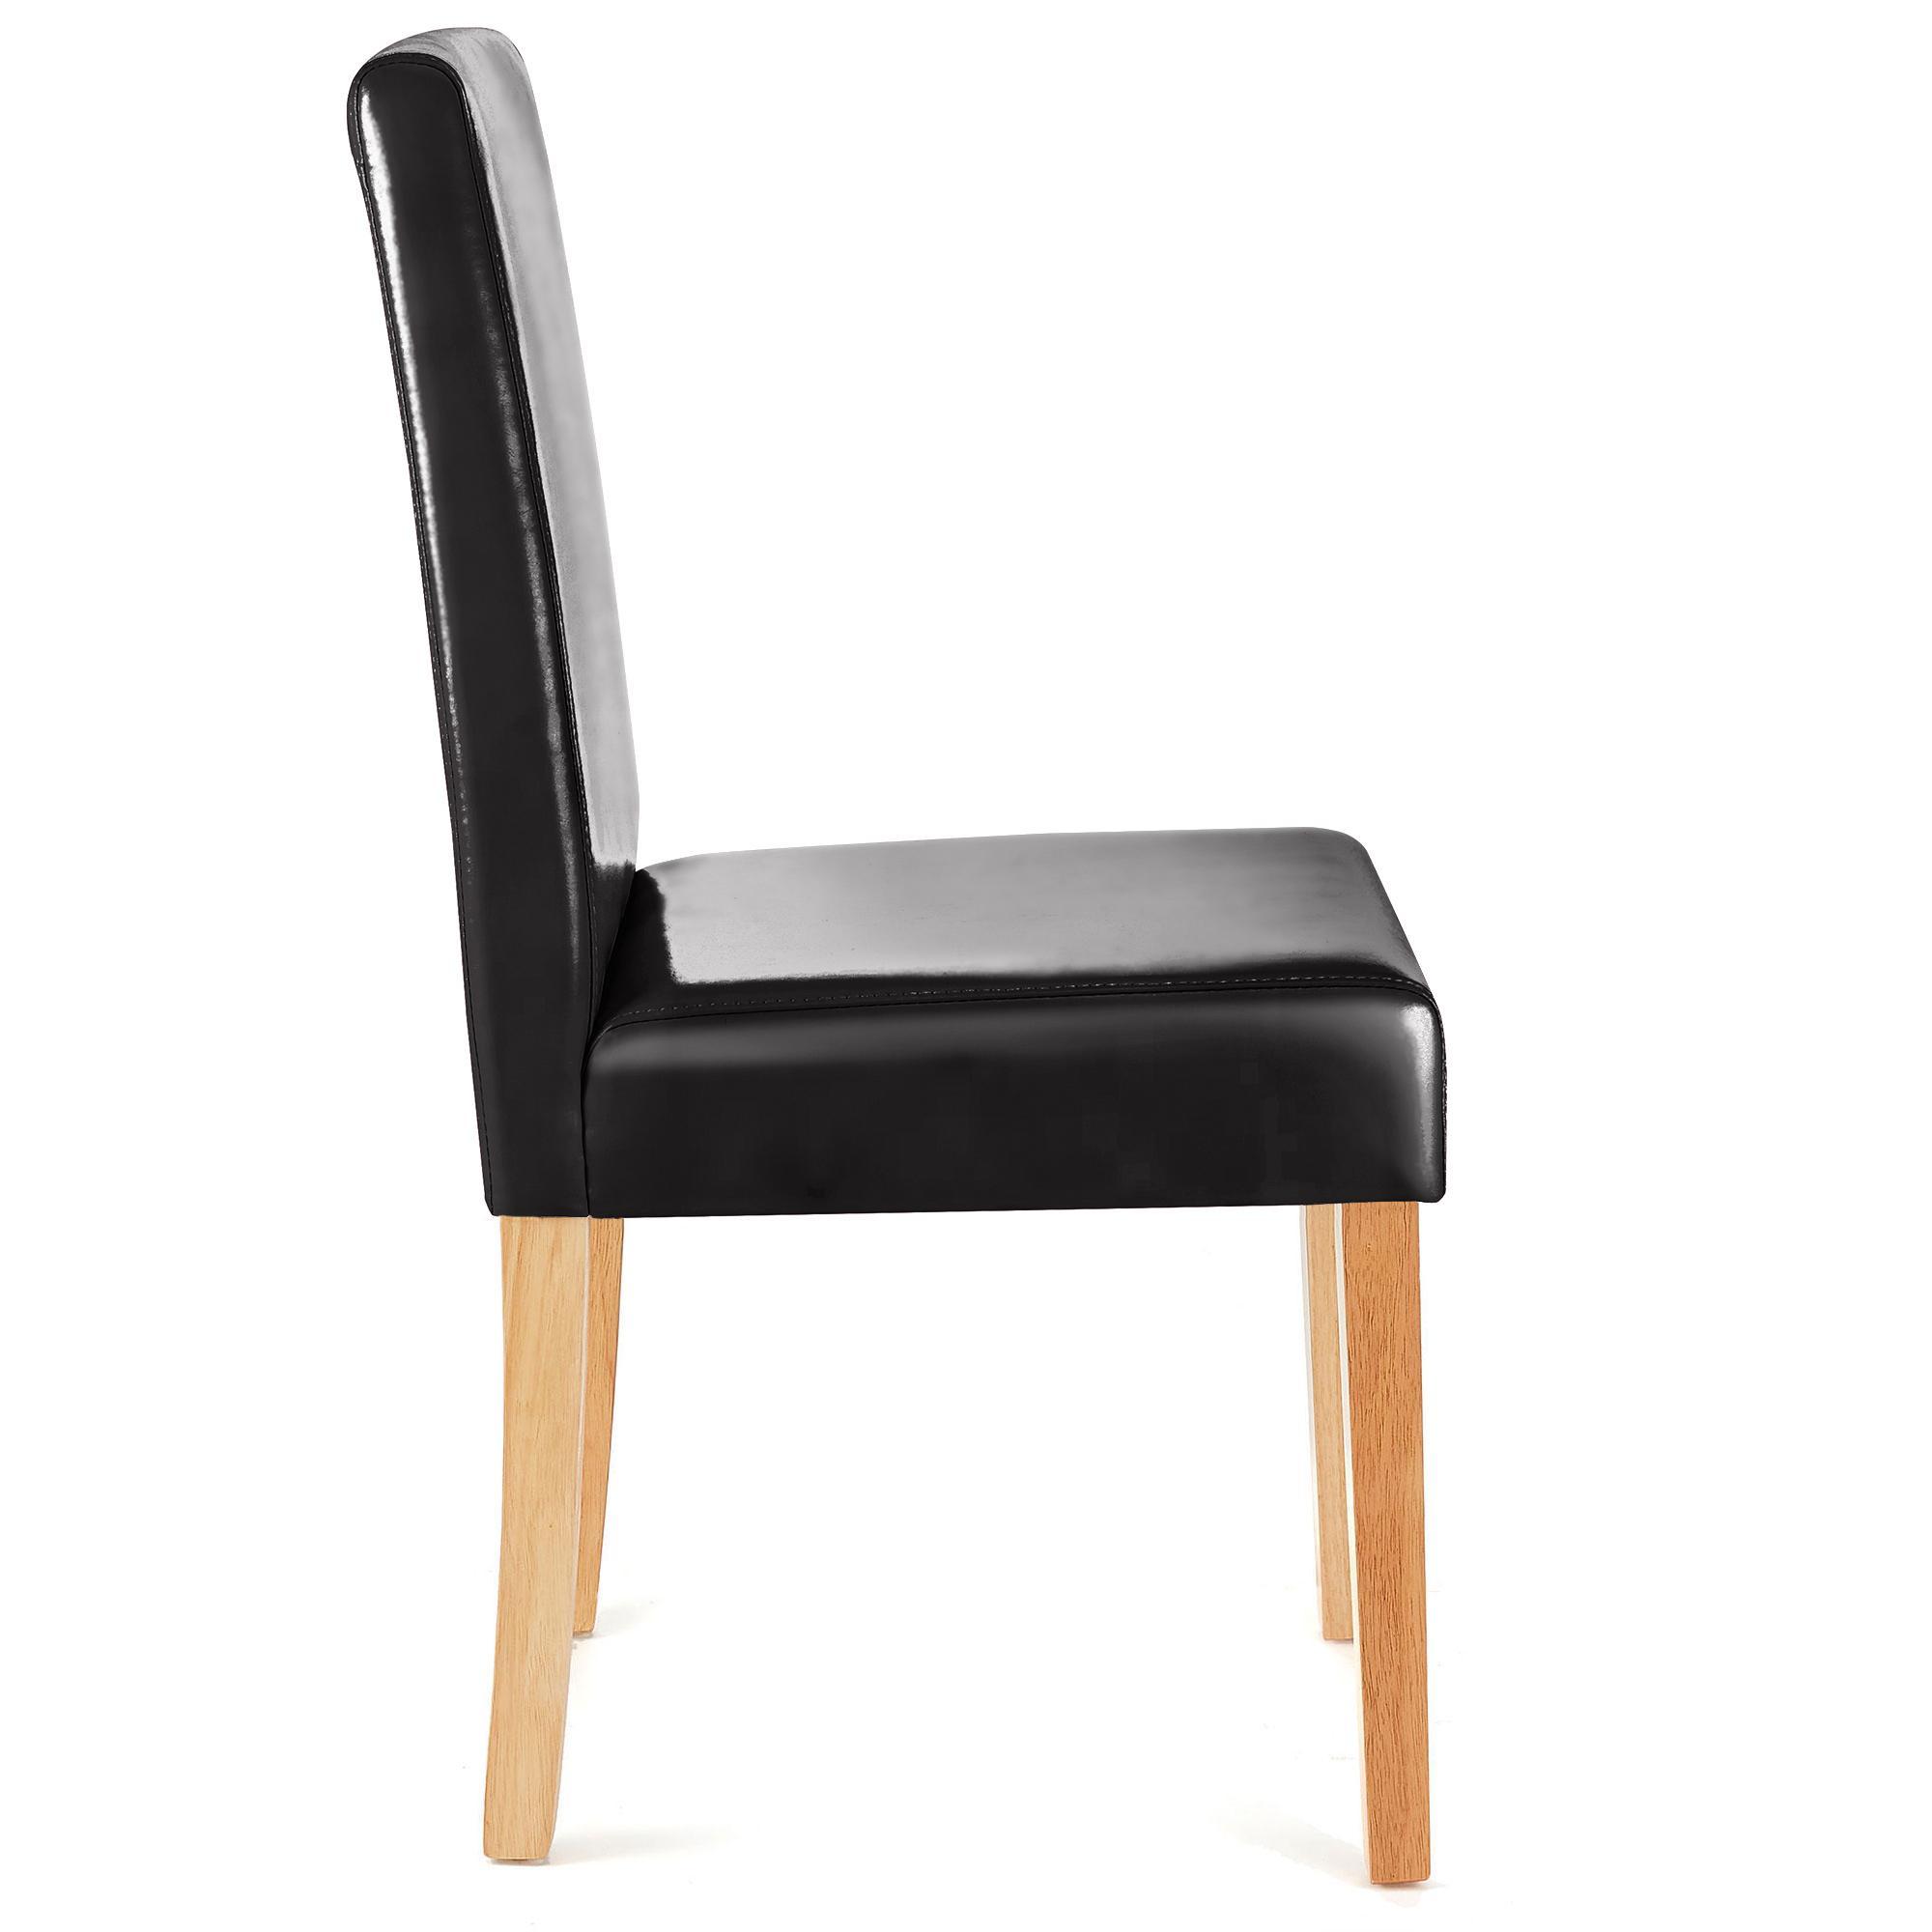 Demo lote 4 sillas de comedor litau precioso dise o en for Sillas de comedor de piel